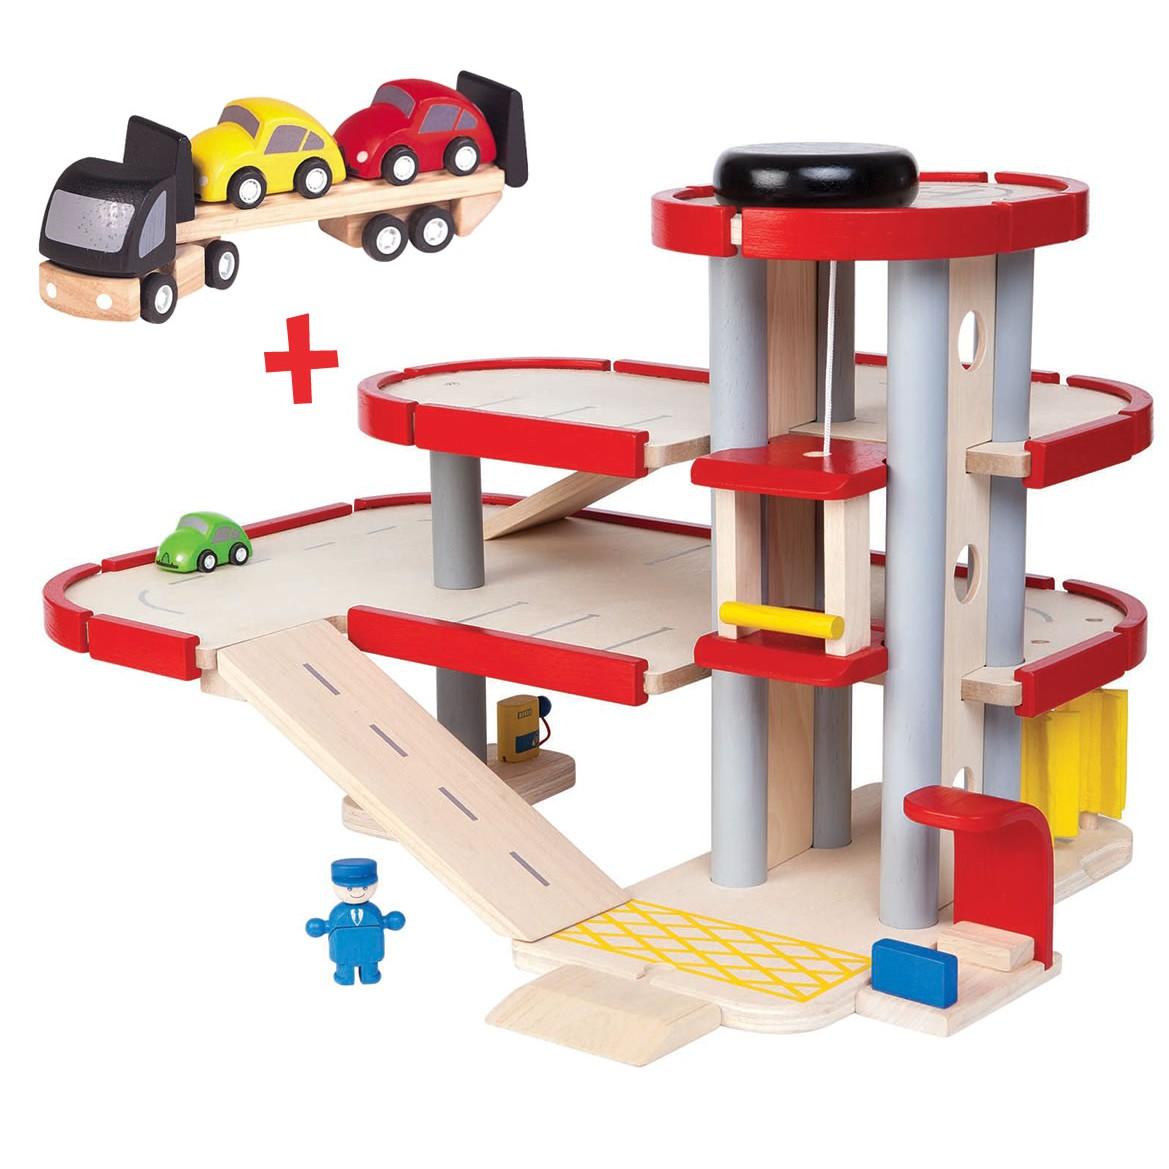 Wooden Toys Catalog : Plan toys parking garage